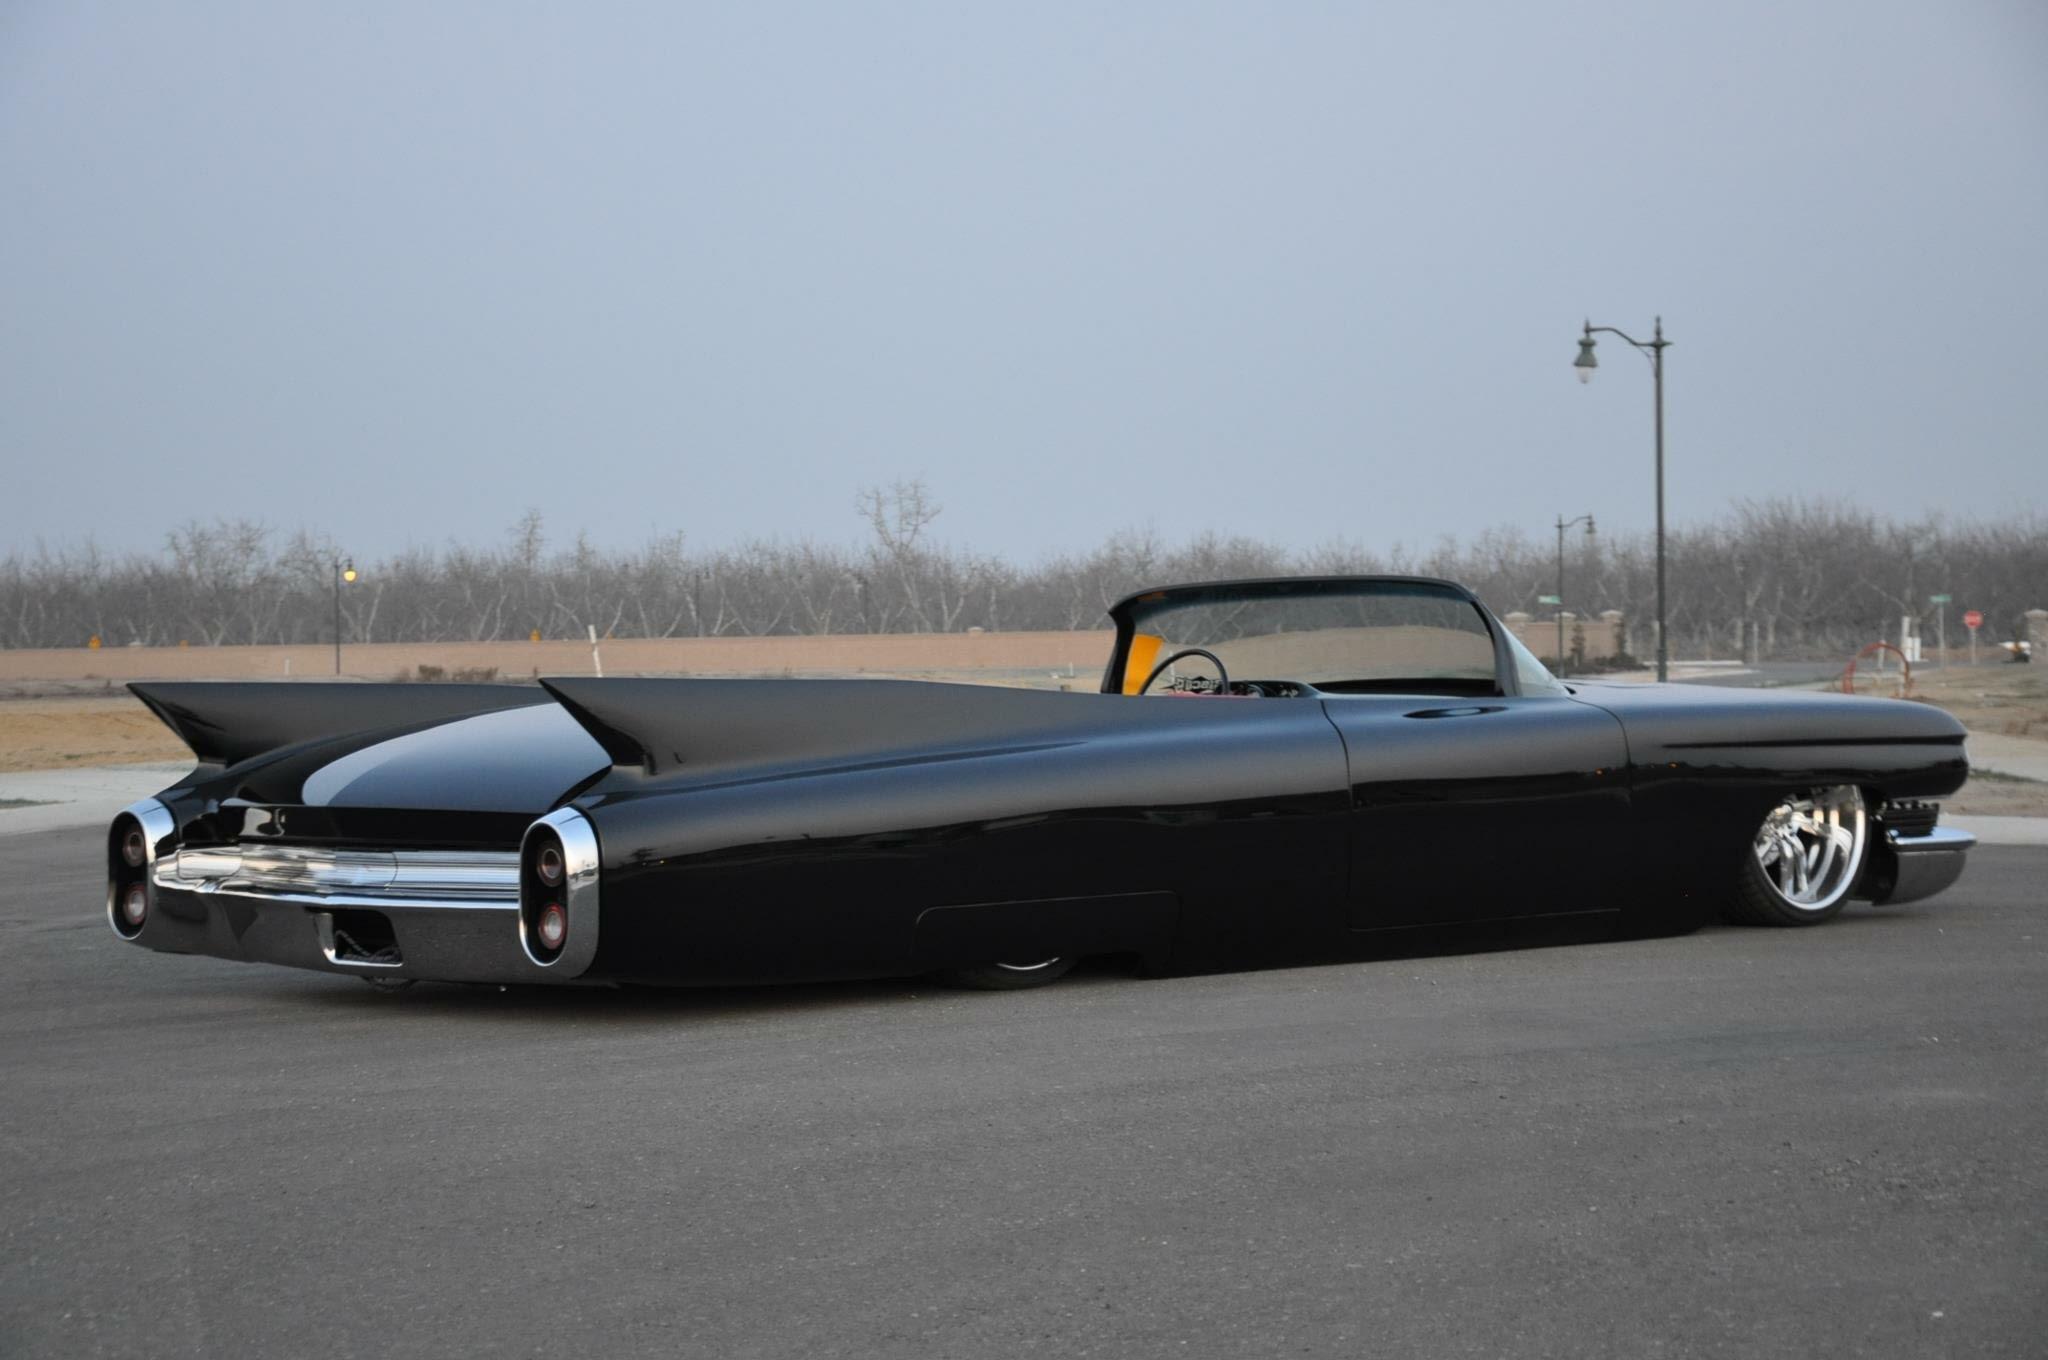 Severed Ties 1960 Cadillac Cruella Deville - Justin Carrillo